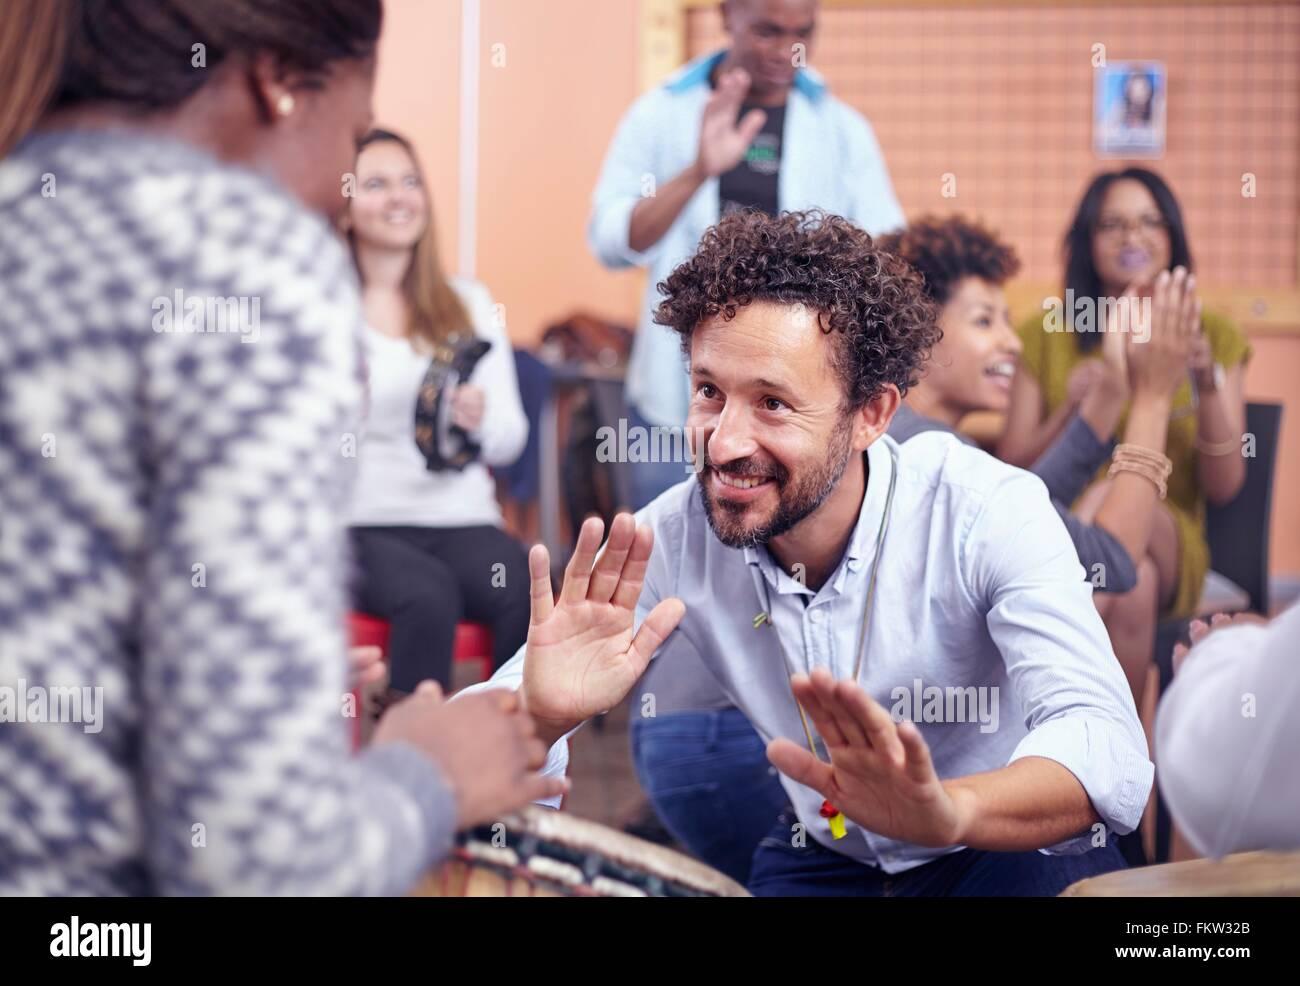 Amigos tocando instrumentos musicales y bailando, sonriendo Imagen De Stock